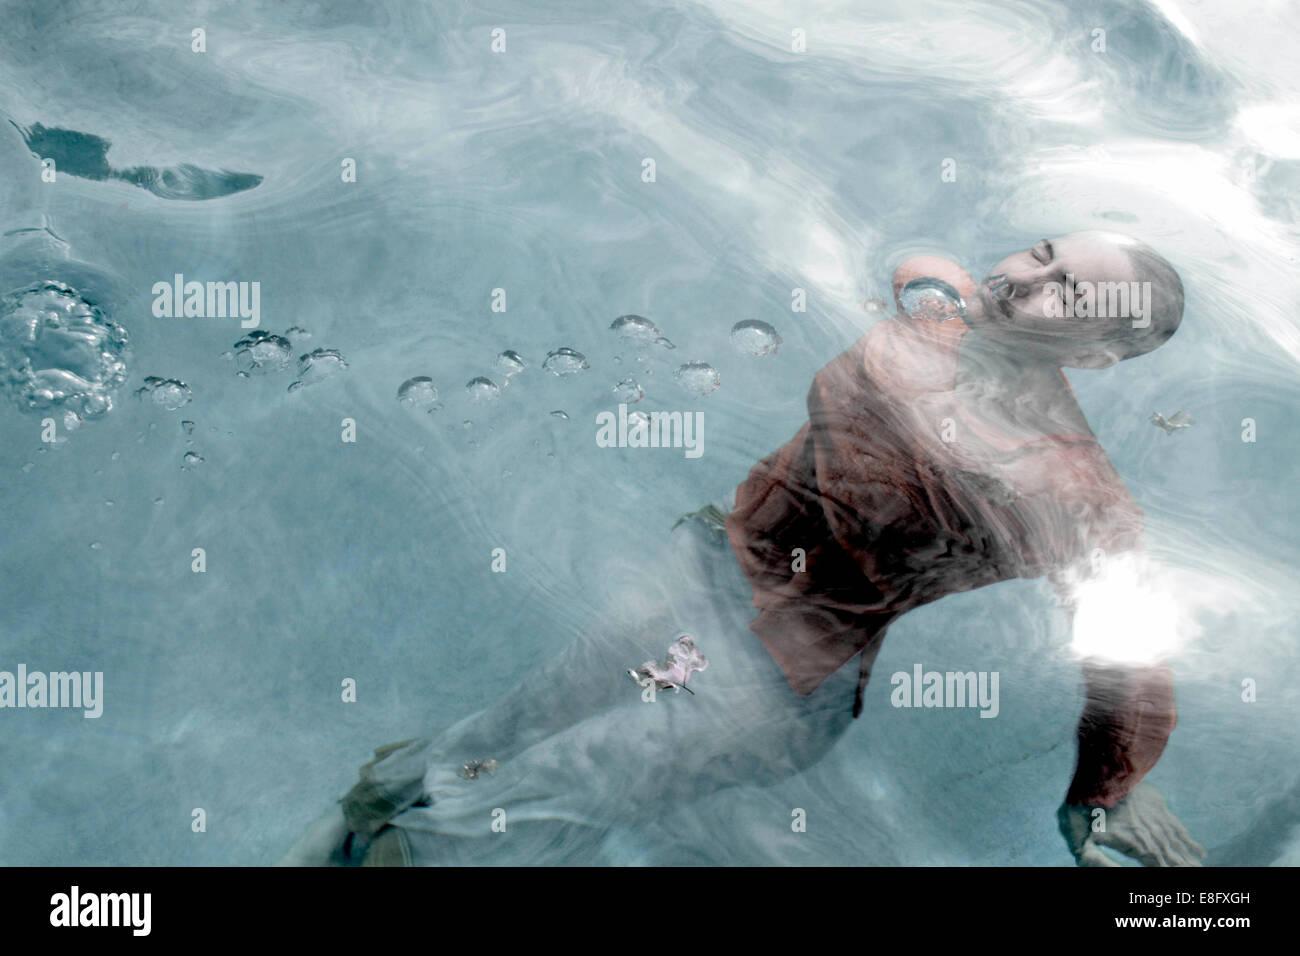 Completamente vestito donna nuoto sott'acqua Immagini Stock